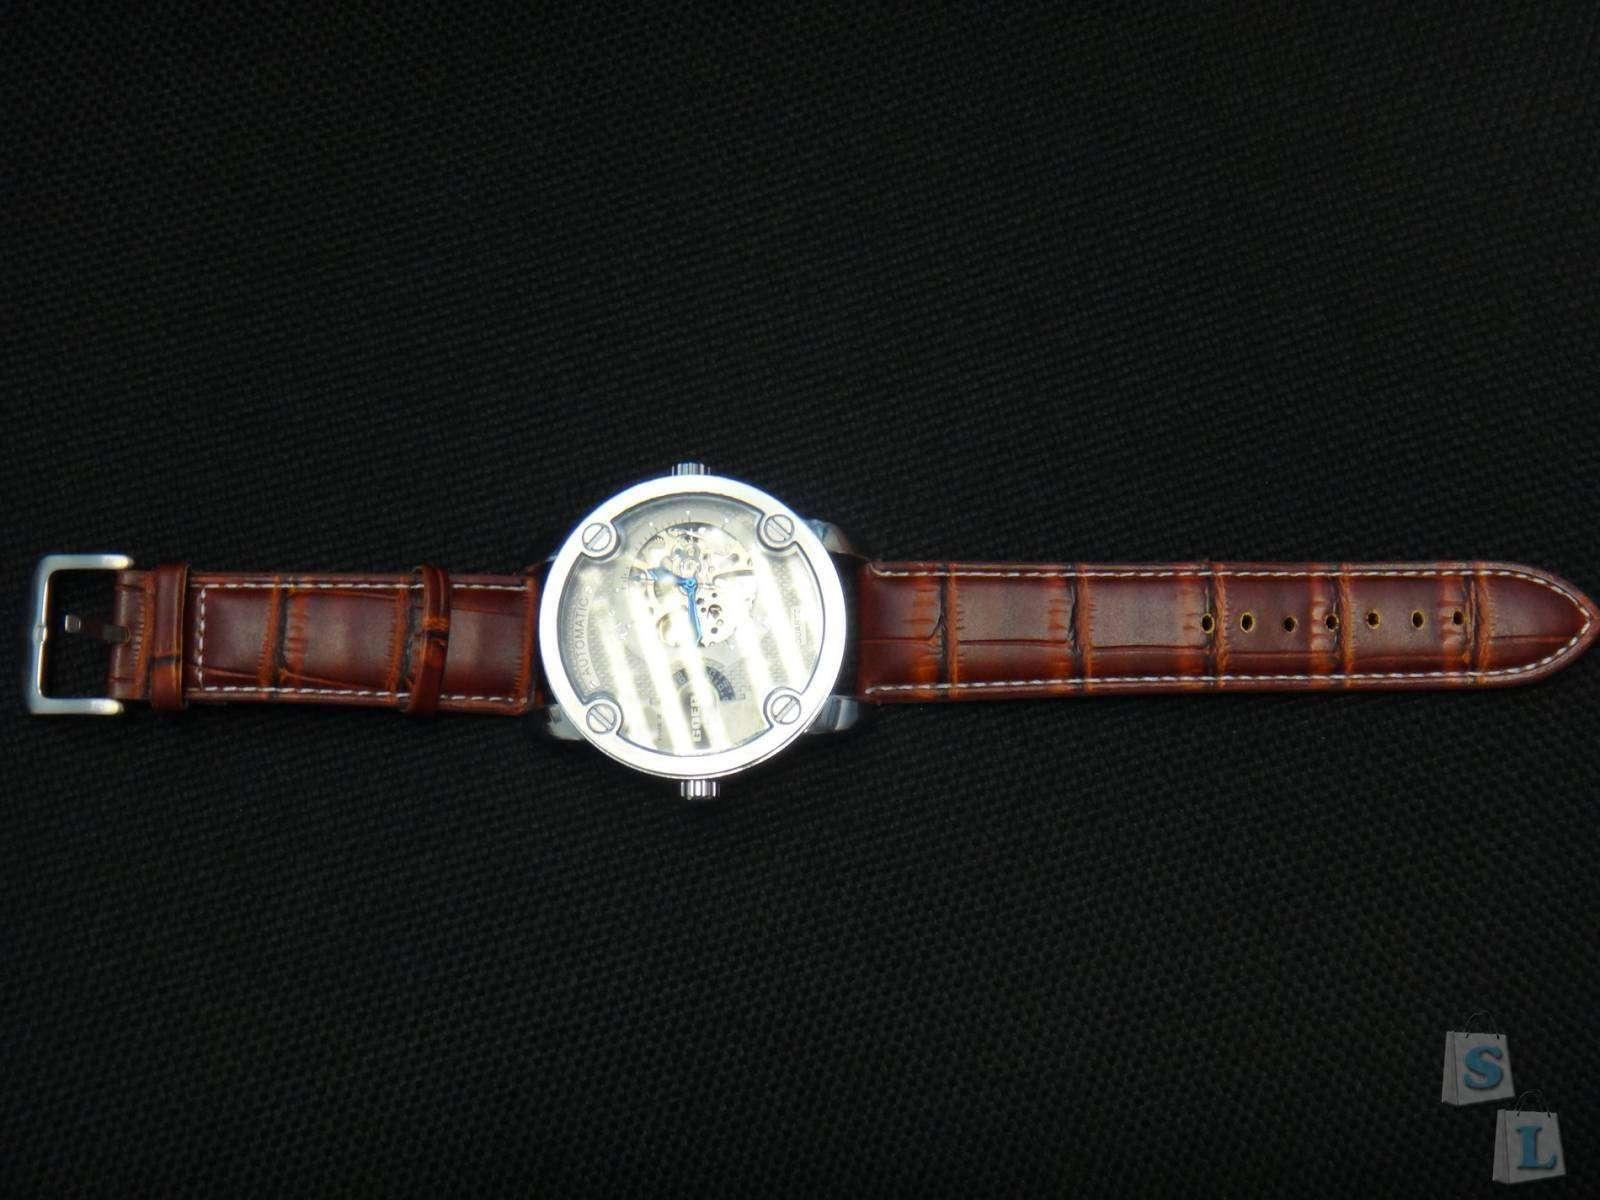 Popkind: Реплика мужских часов Diesel DZ7272 или часы для тех кто любит побольше